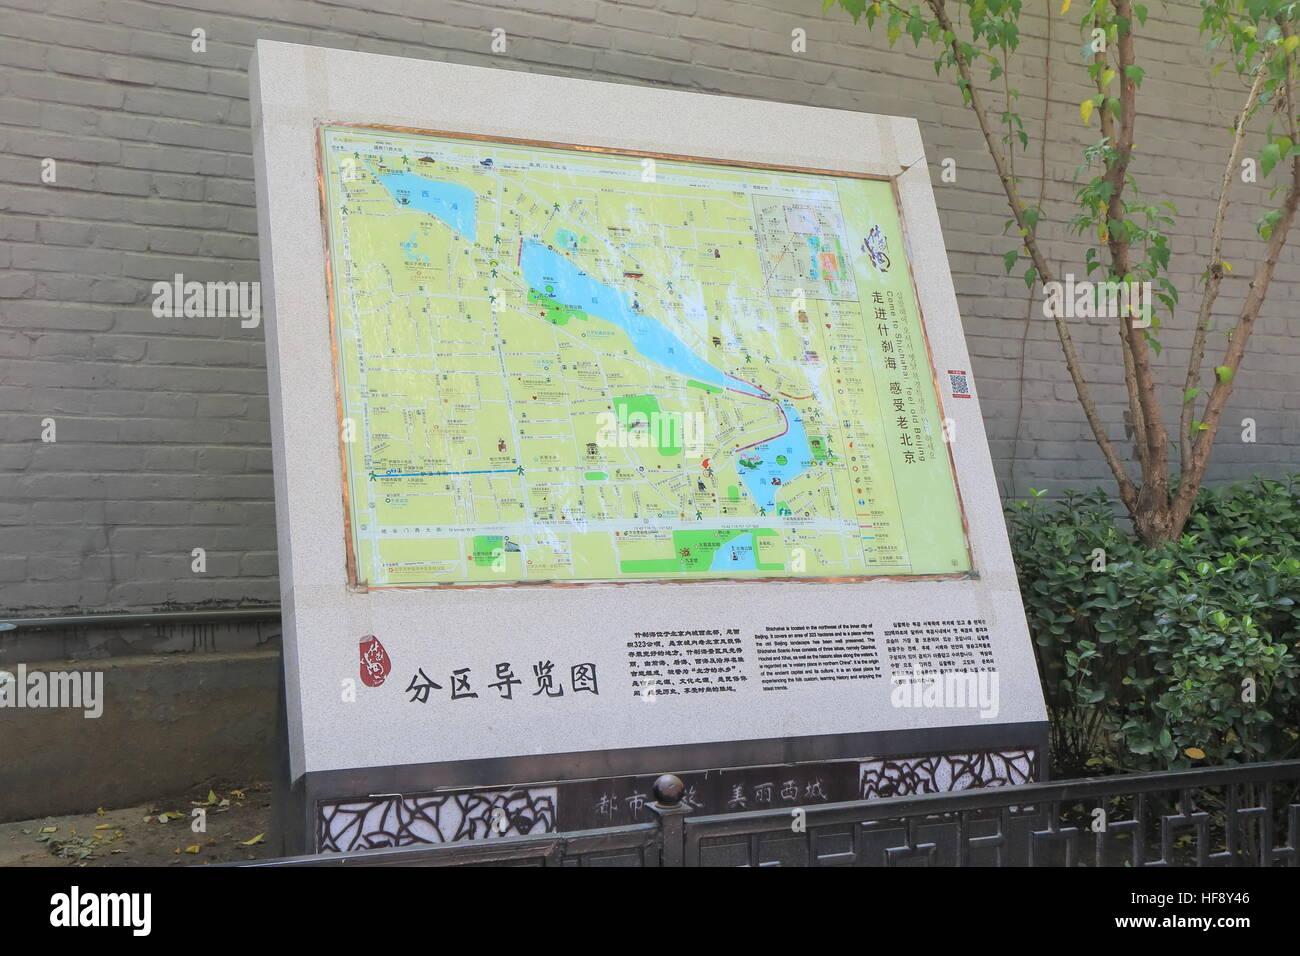 Houhai lake Shichhai Futong street map in Houhai lake district in Beijing China. - Stock Image